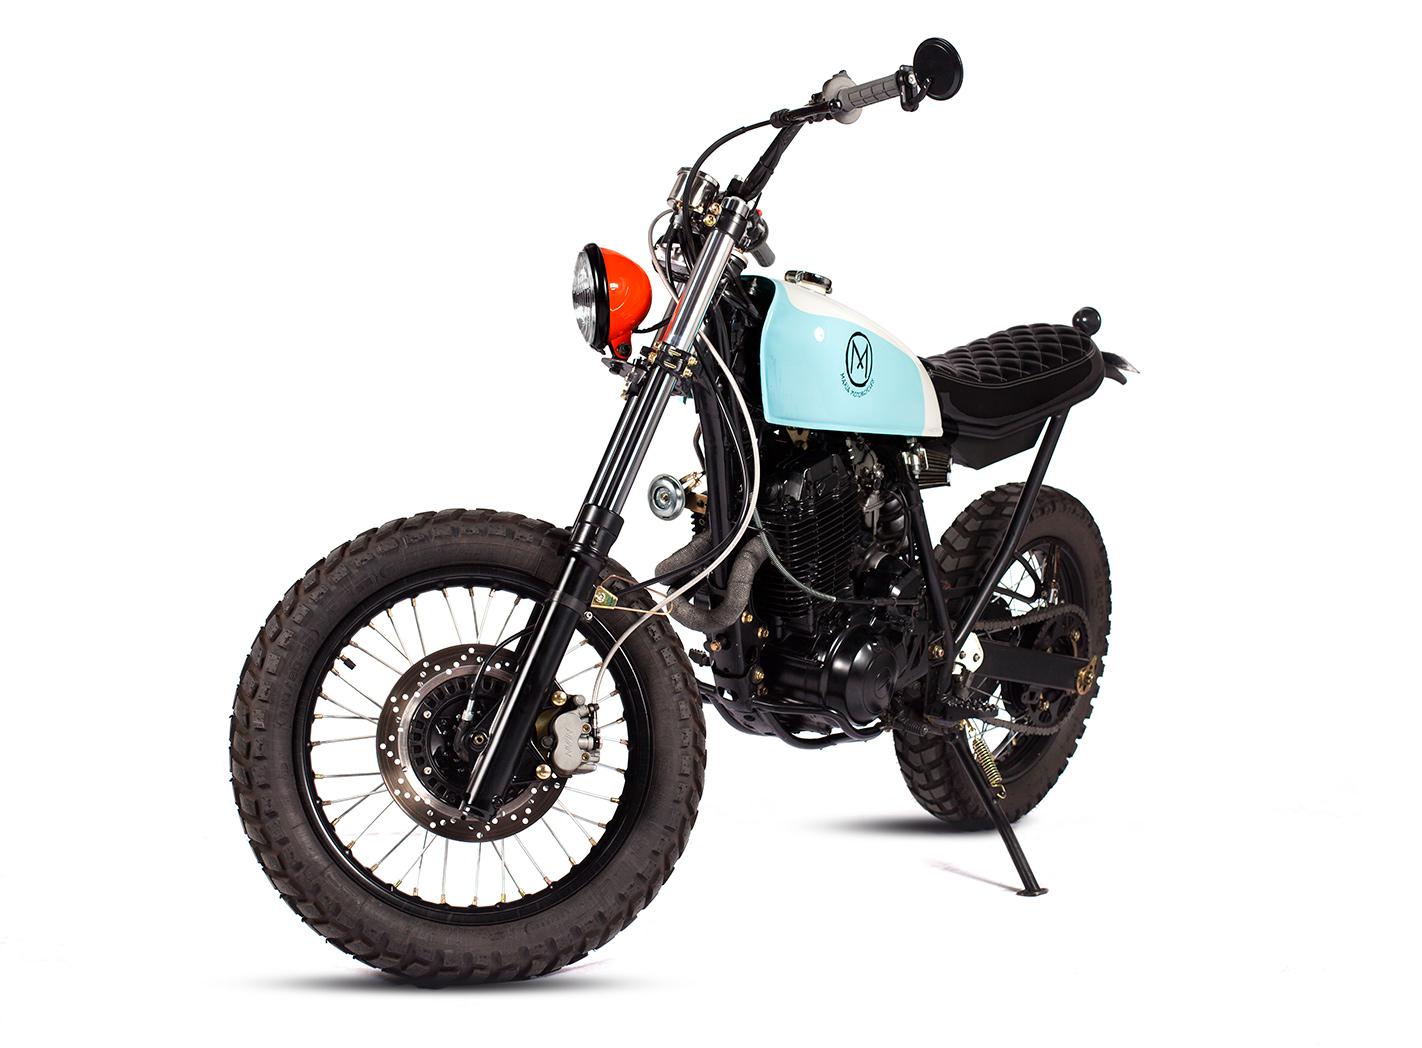 maria_motorcycles_yamaha_xt600_dirtygeisha2001